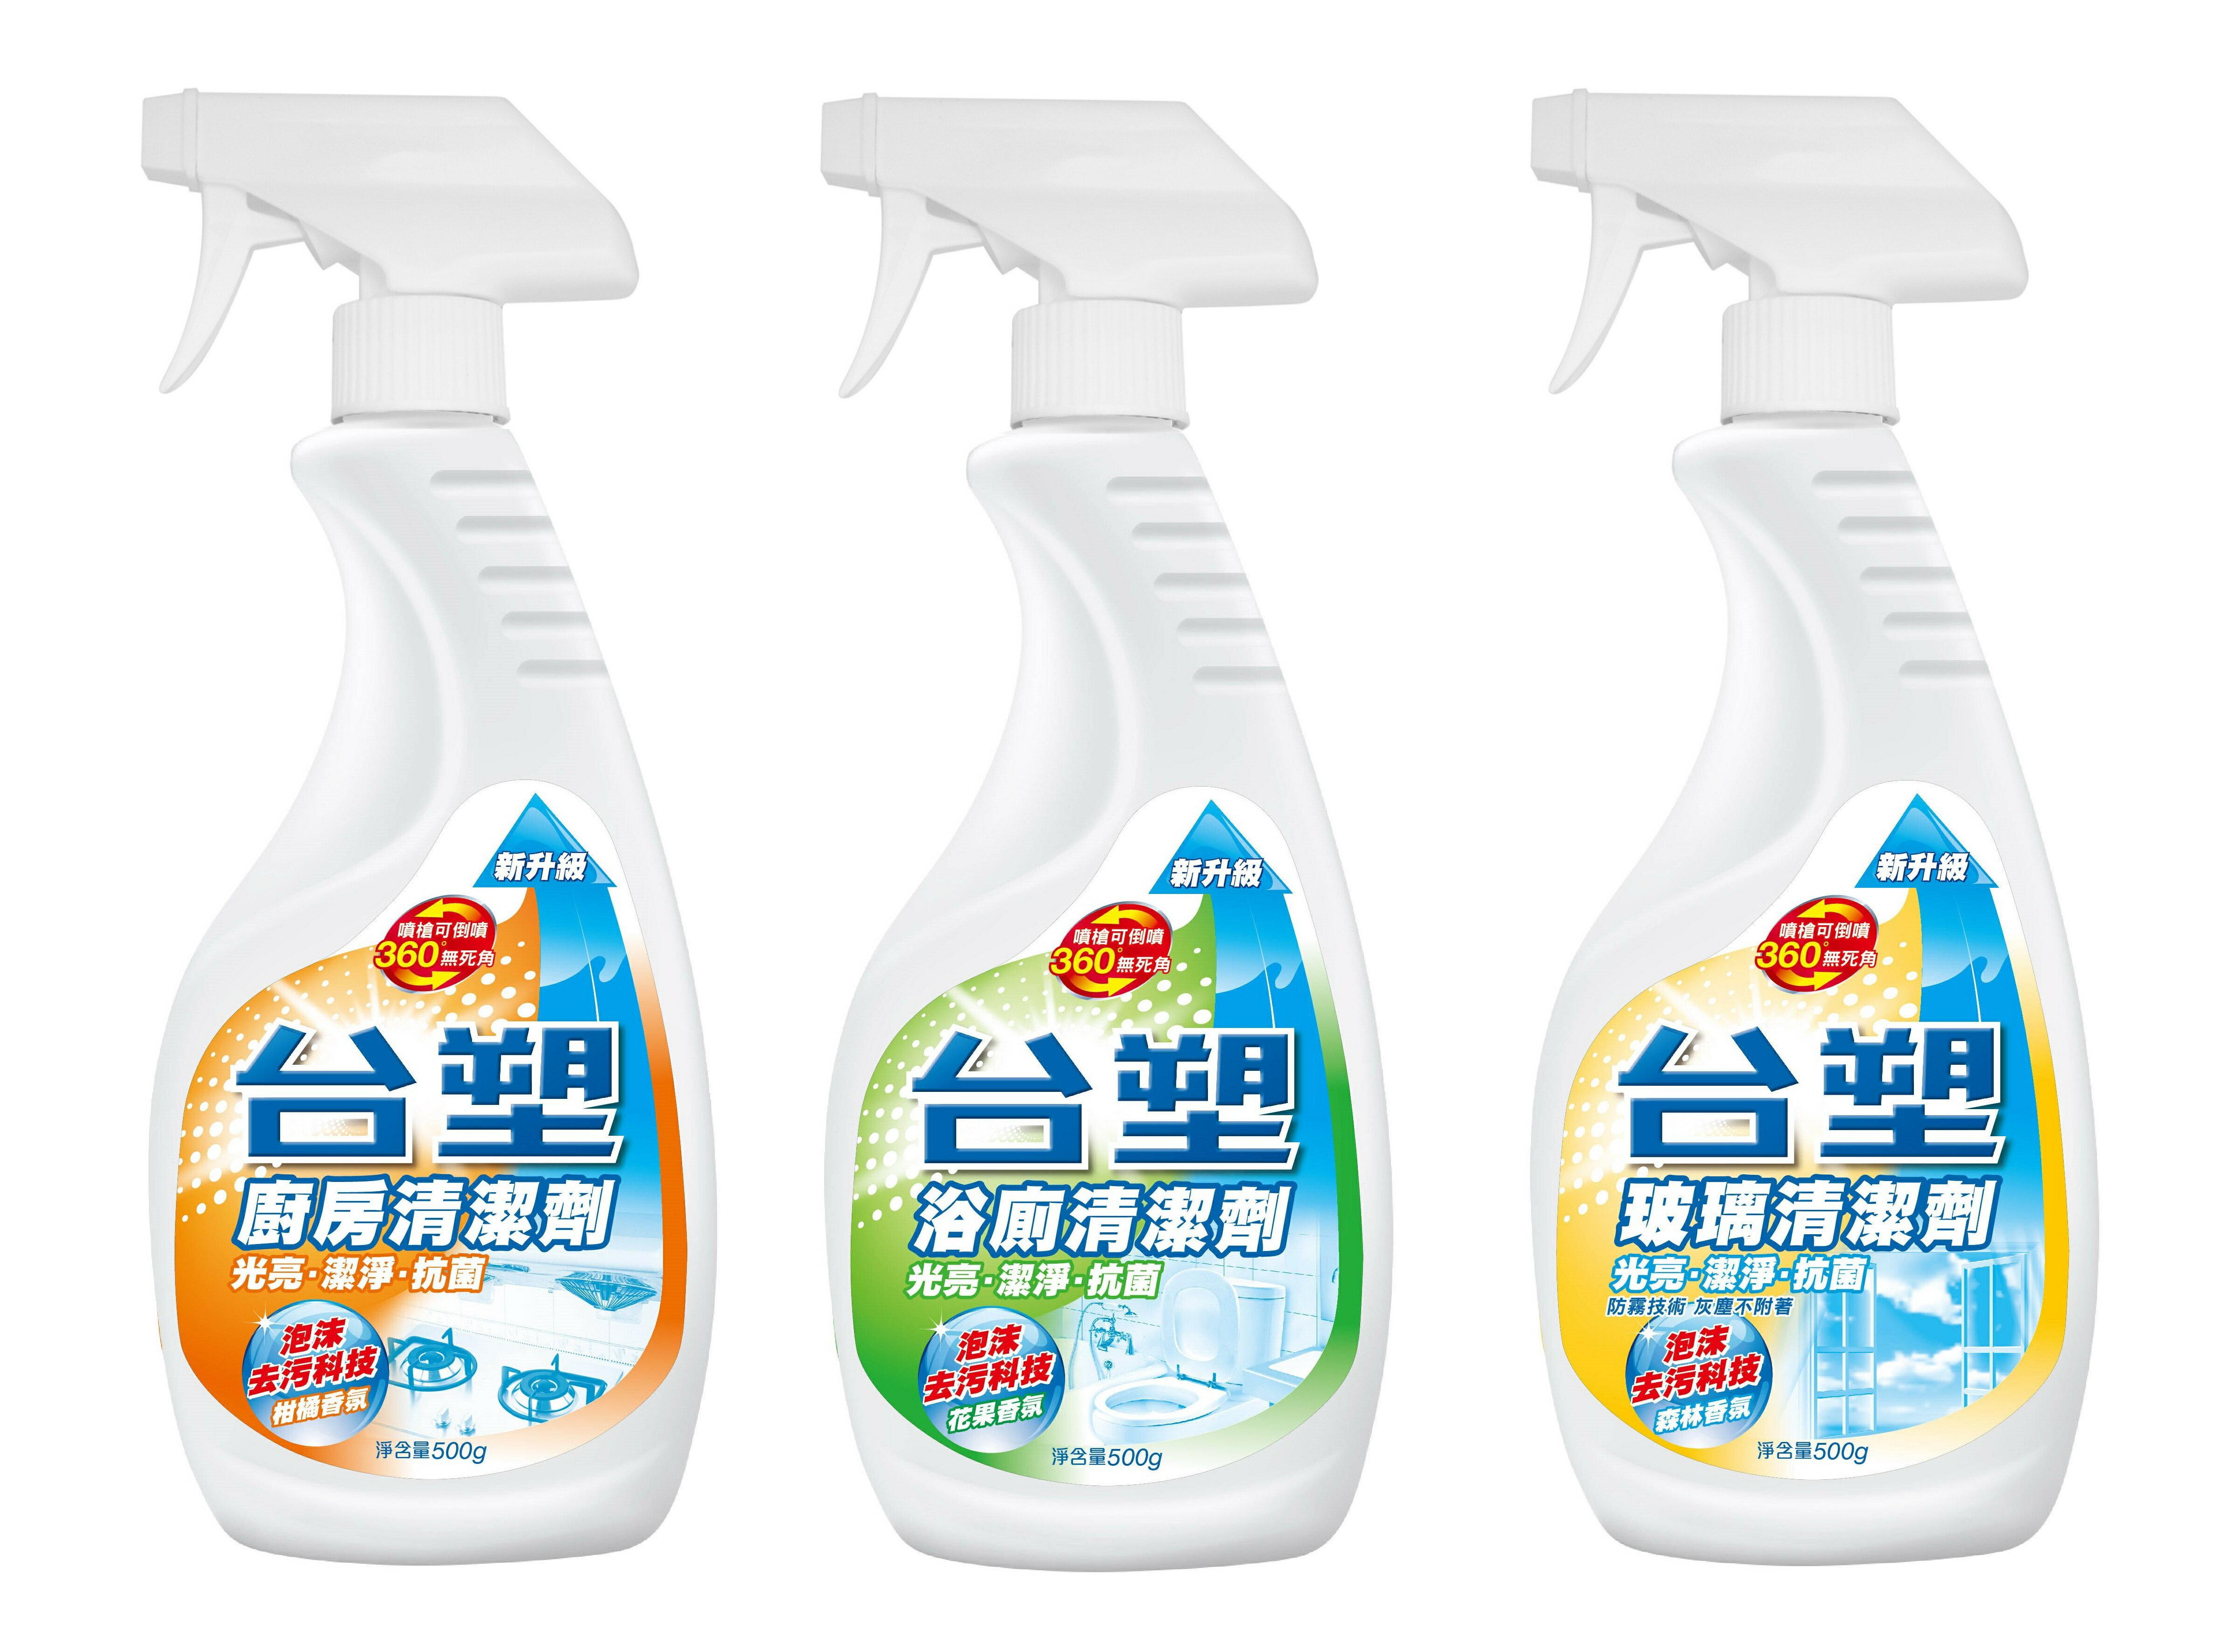 【購購購】台塑生醫 三寶清潔組~玻璃 / 廚房 / 浴廁清潔劑【任選3瓶】(升級版) 0